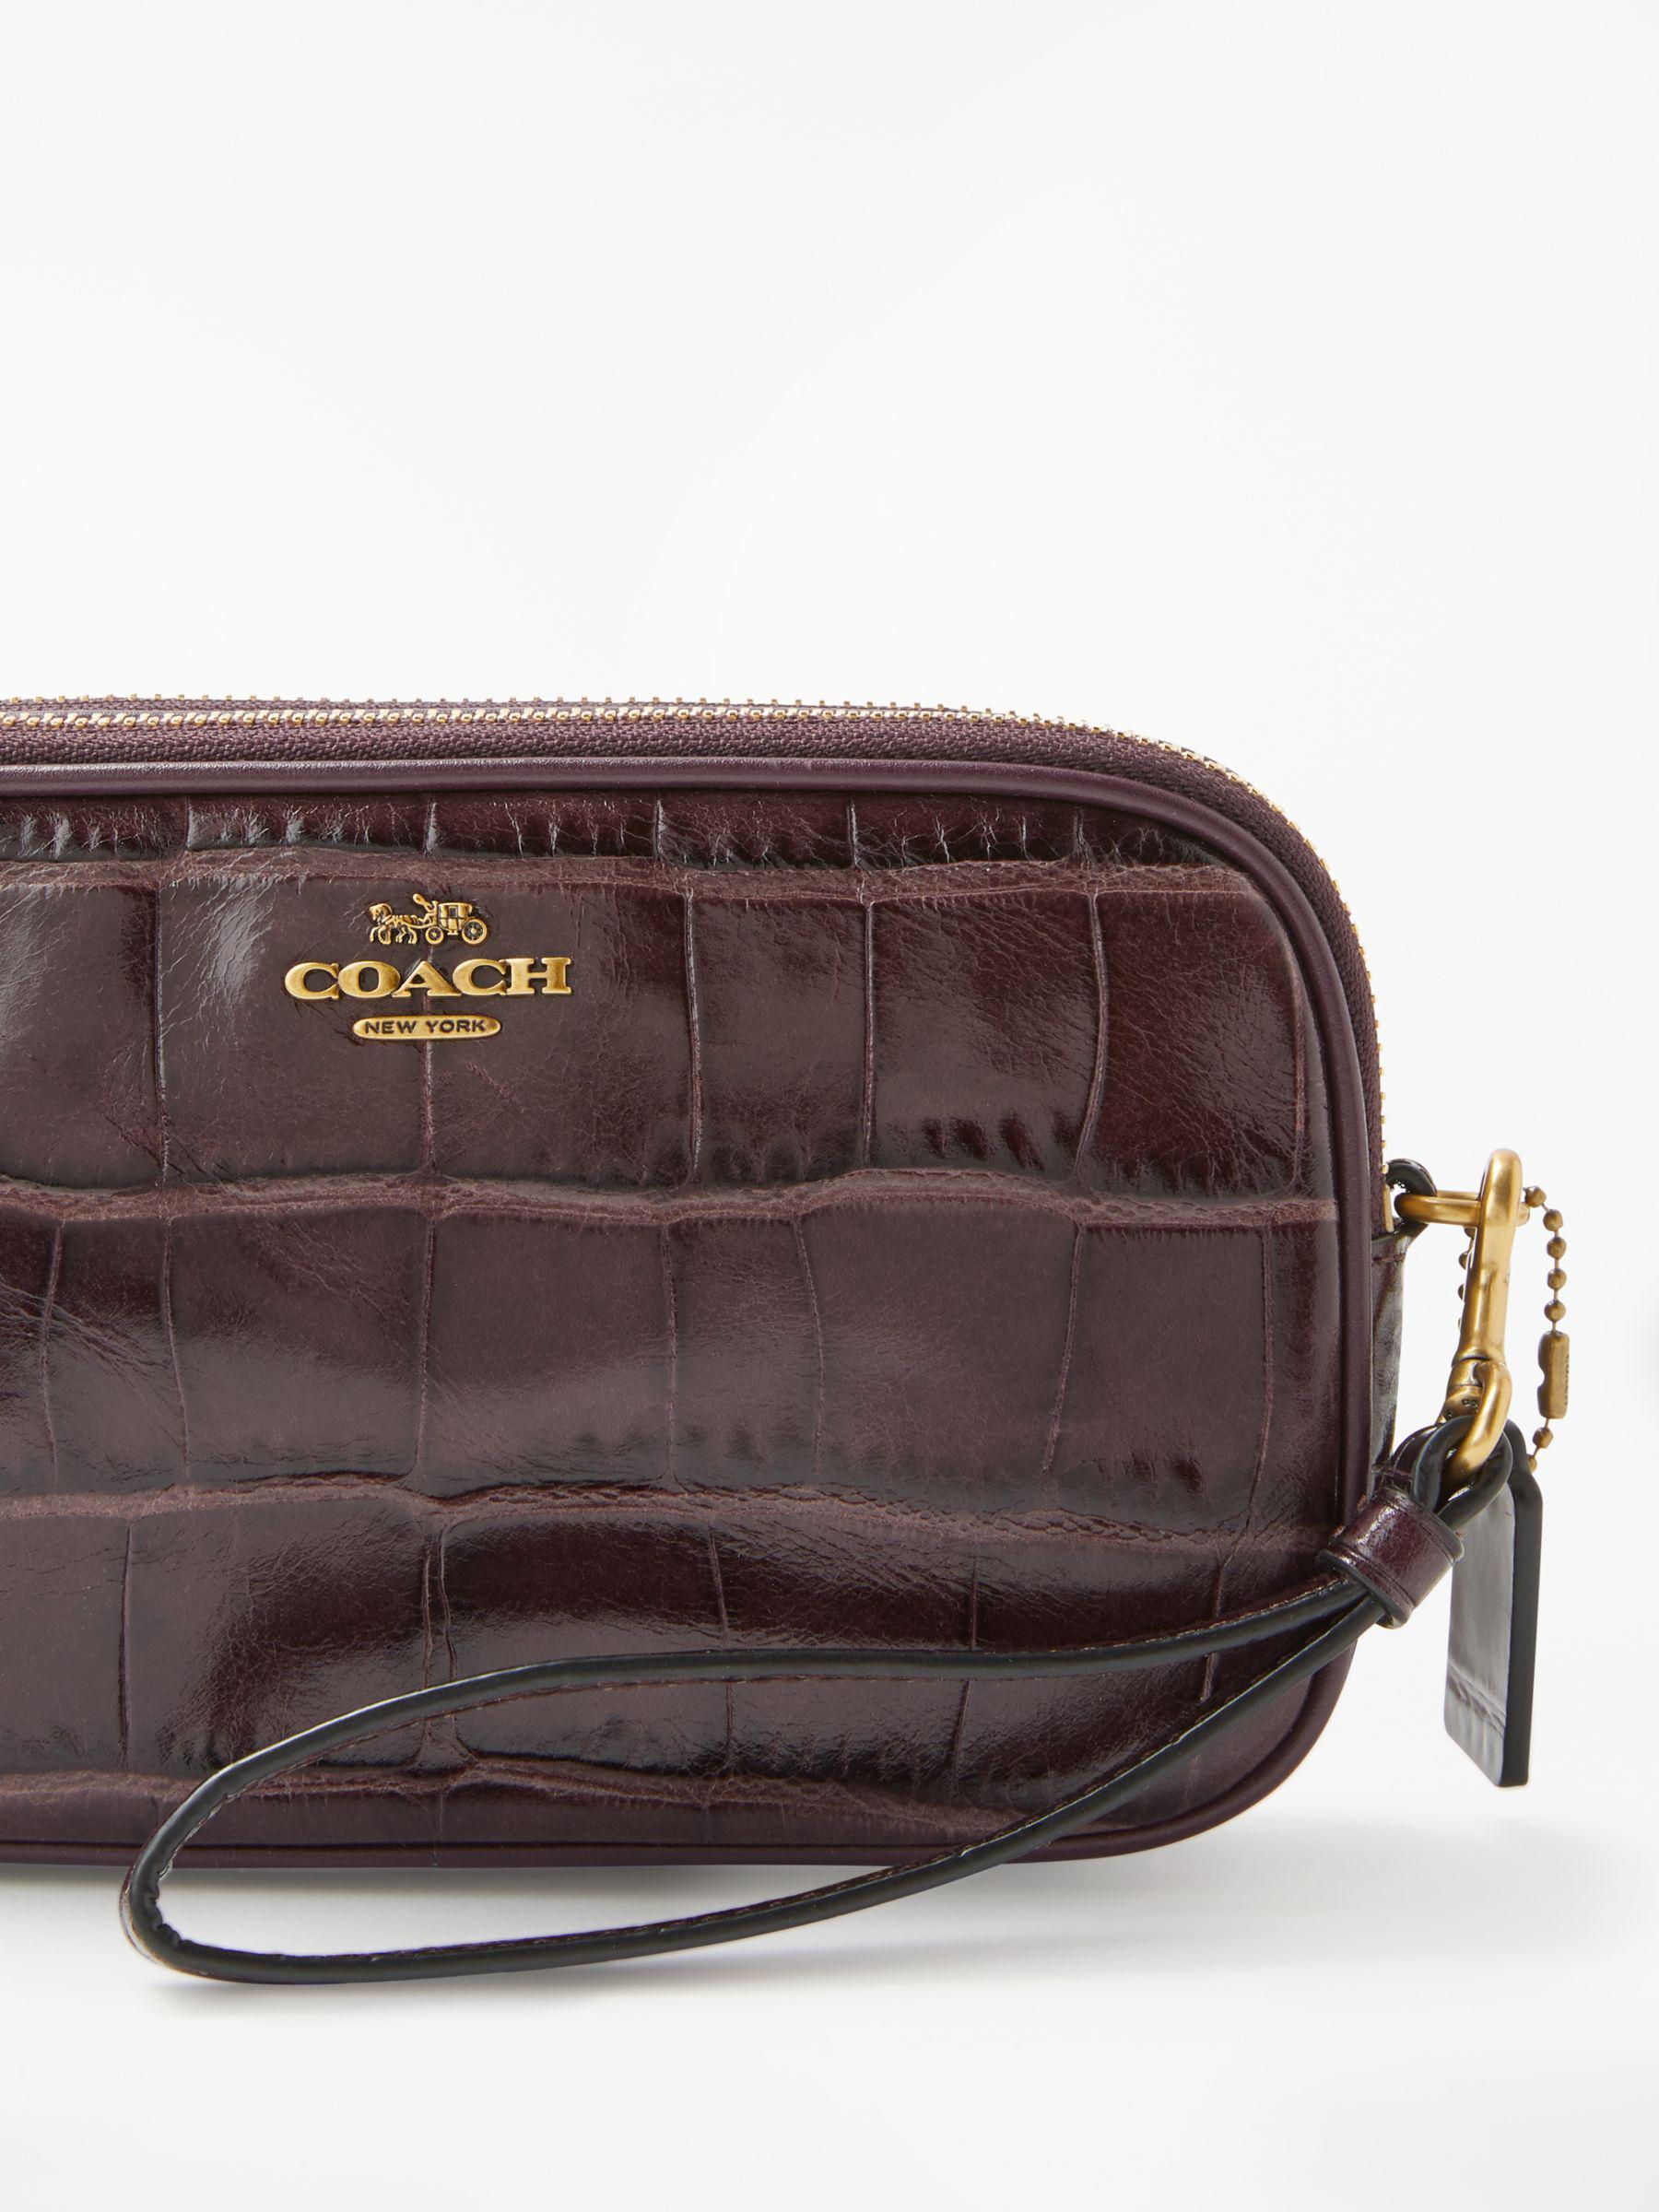 c4225effed39 COACH Croc Cross Body Bag - Lyst